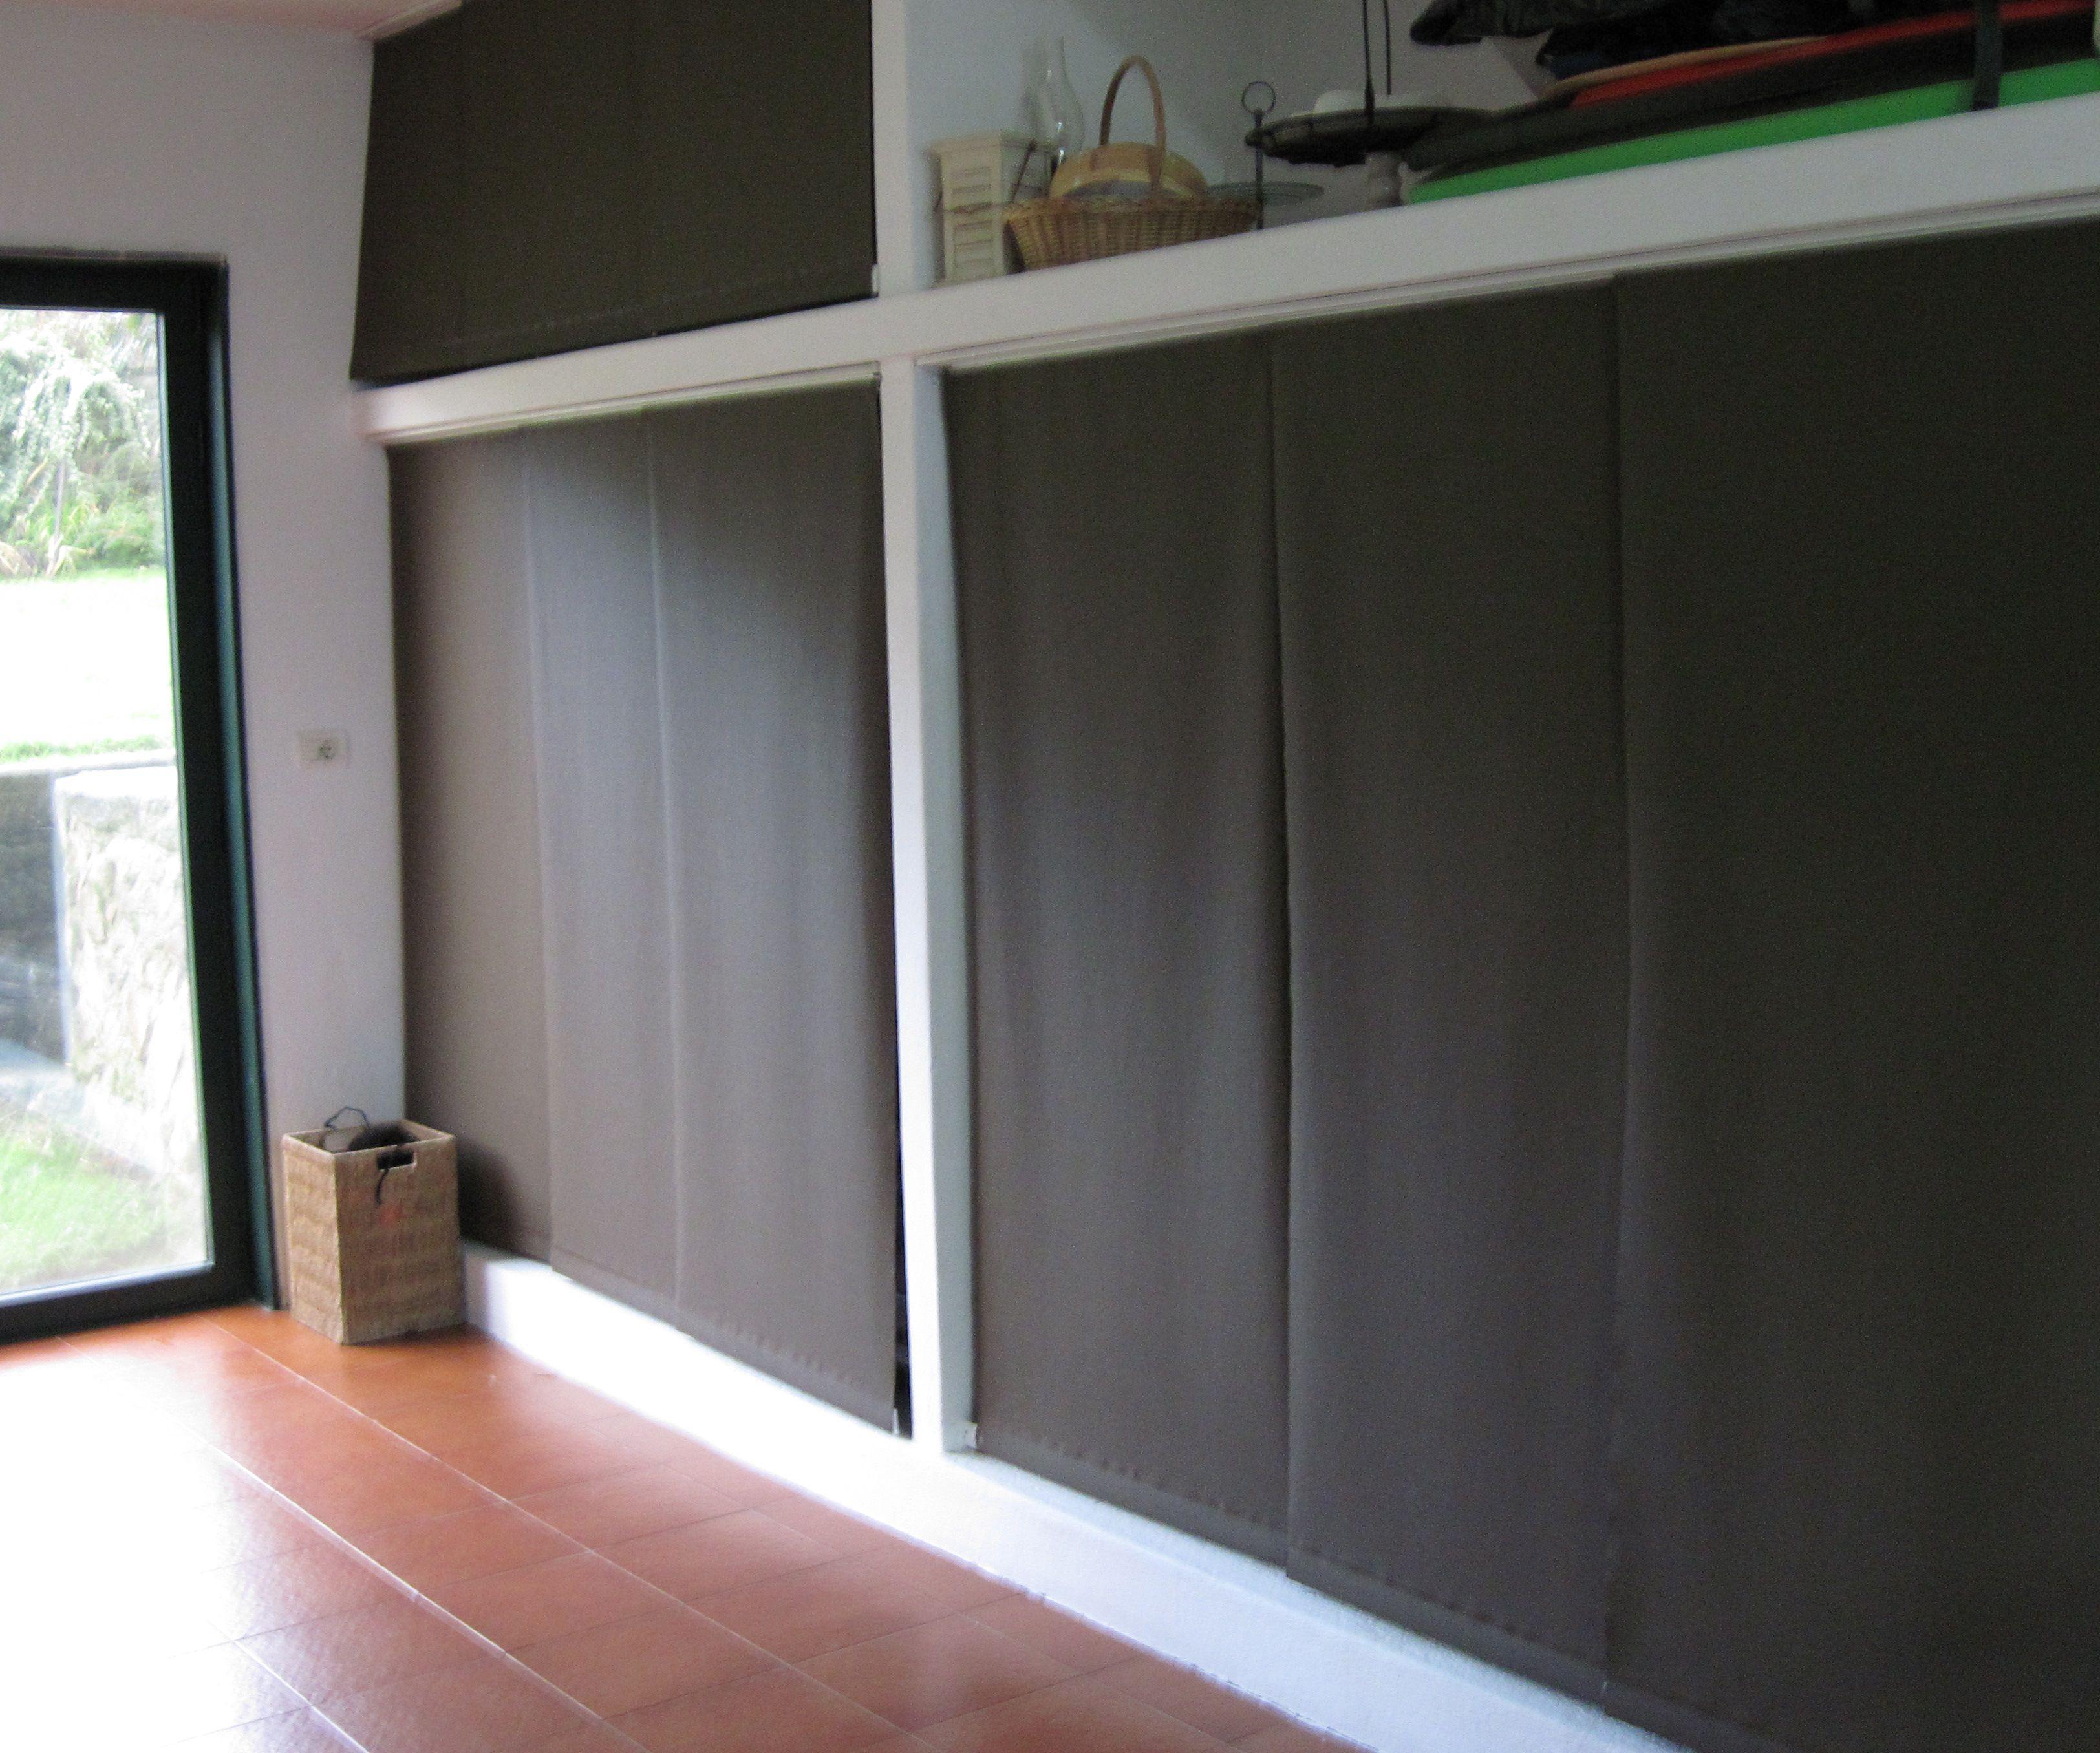 Paneles japoneses panel track usados a modo de puerta corredera para un armario en el garaje - Armarios para garaje ...